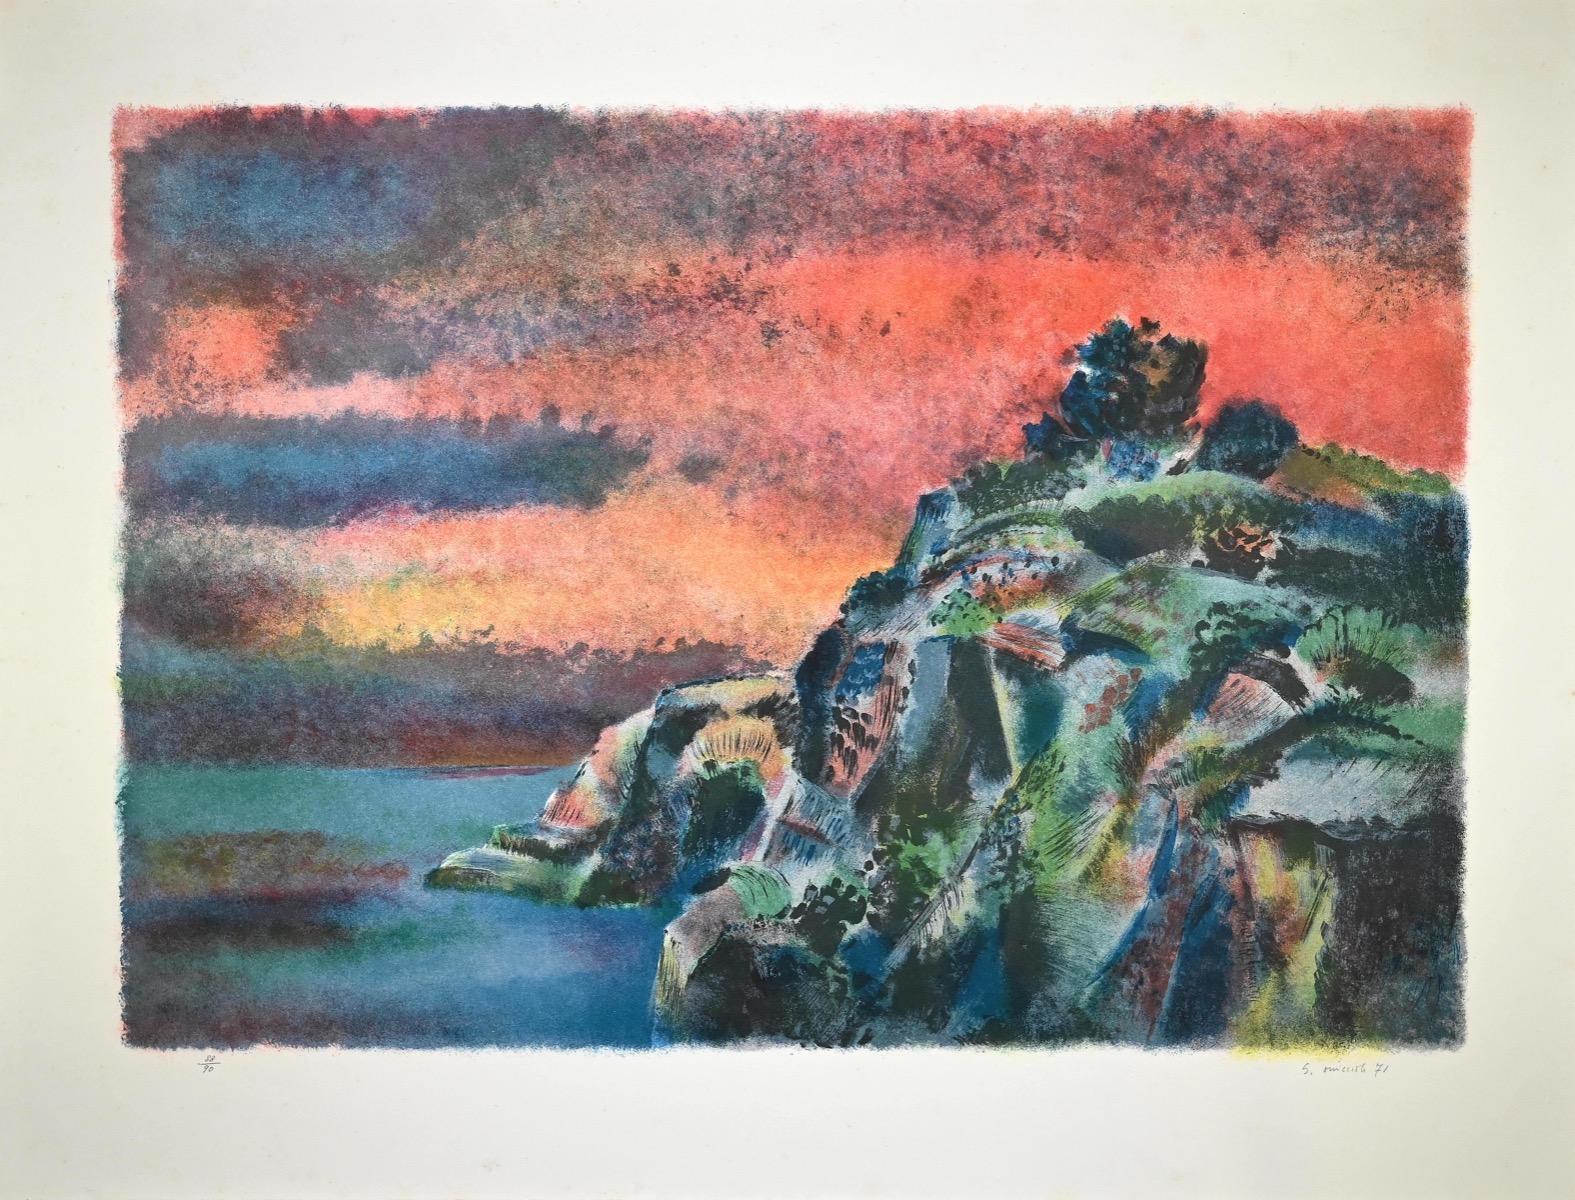 Landscape - Original Lithograph by Giovanni Omiccioli - 1971